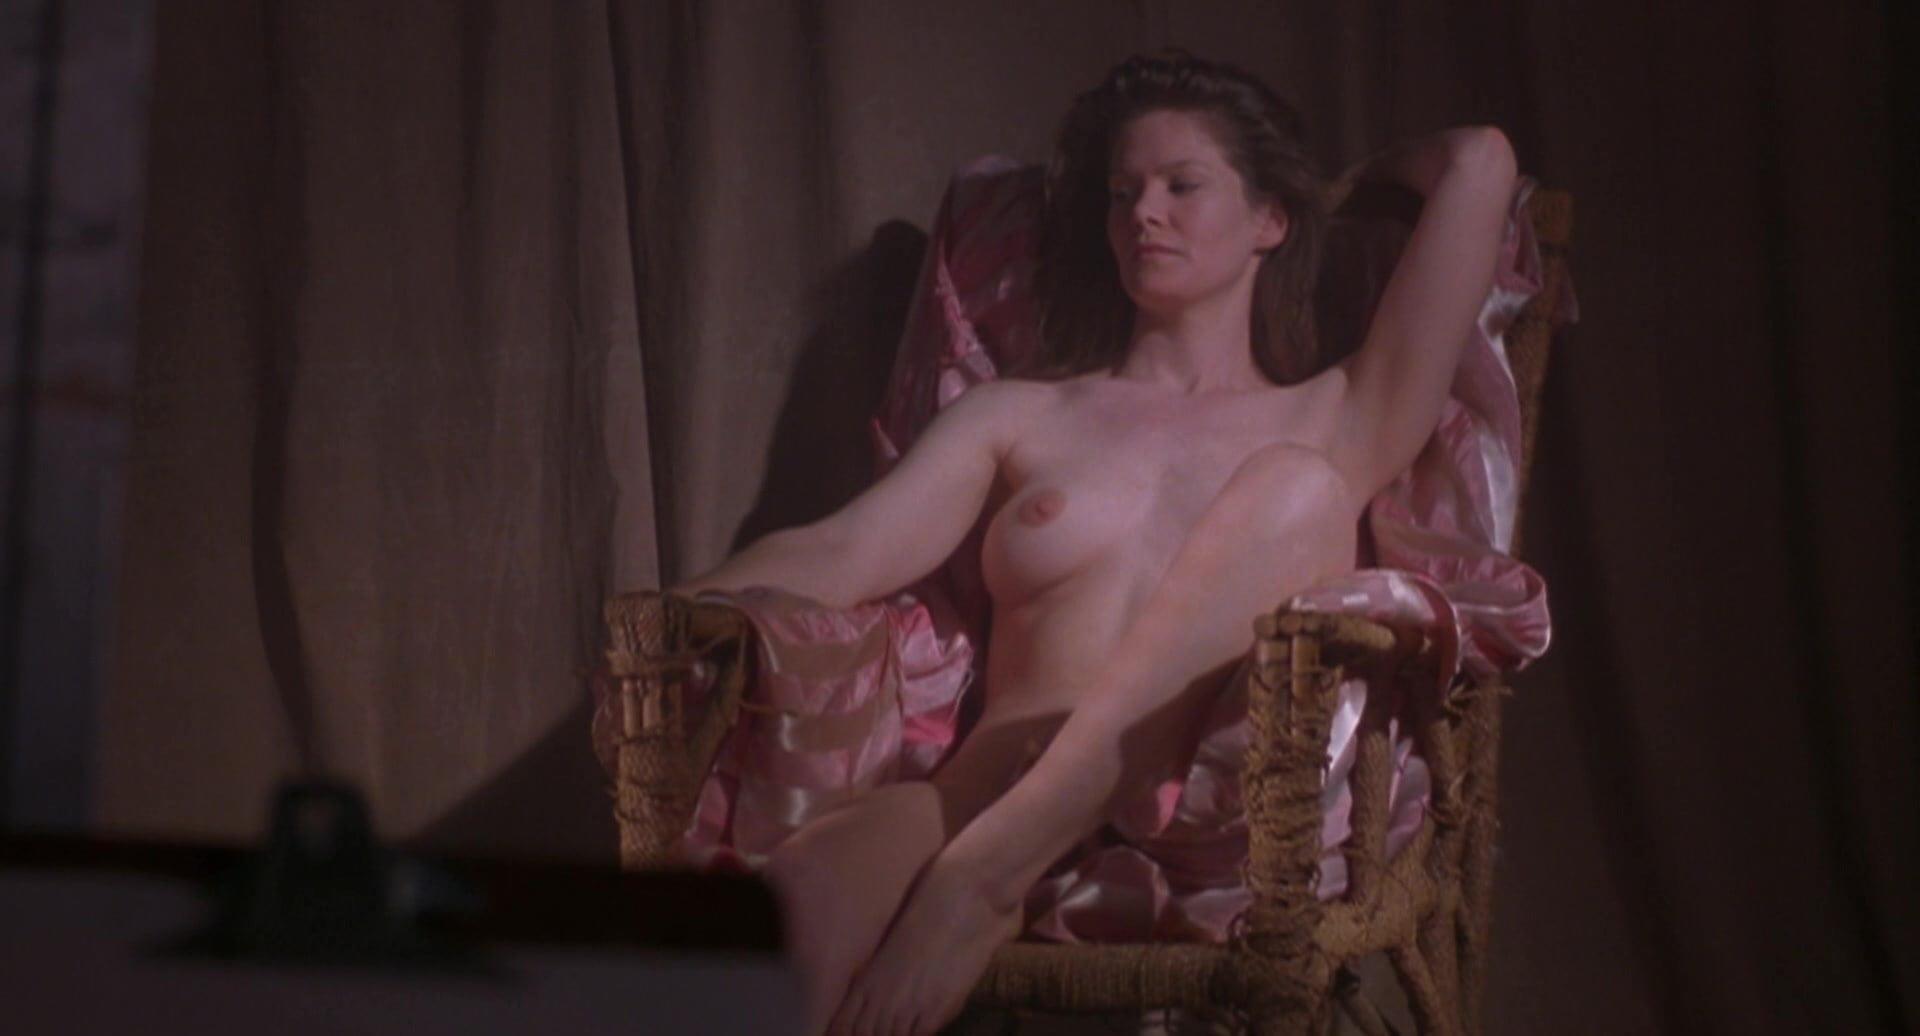 Alyssa milano nude pics